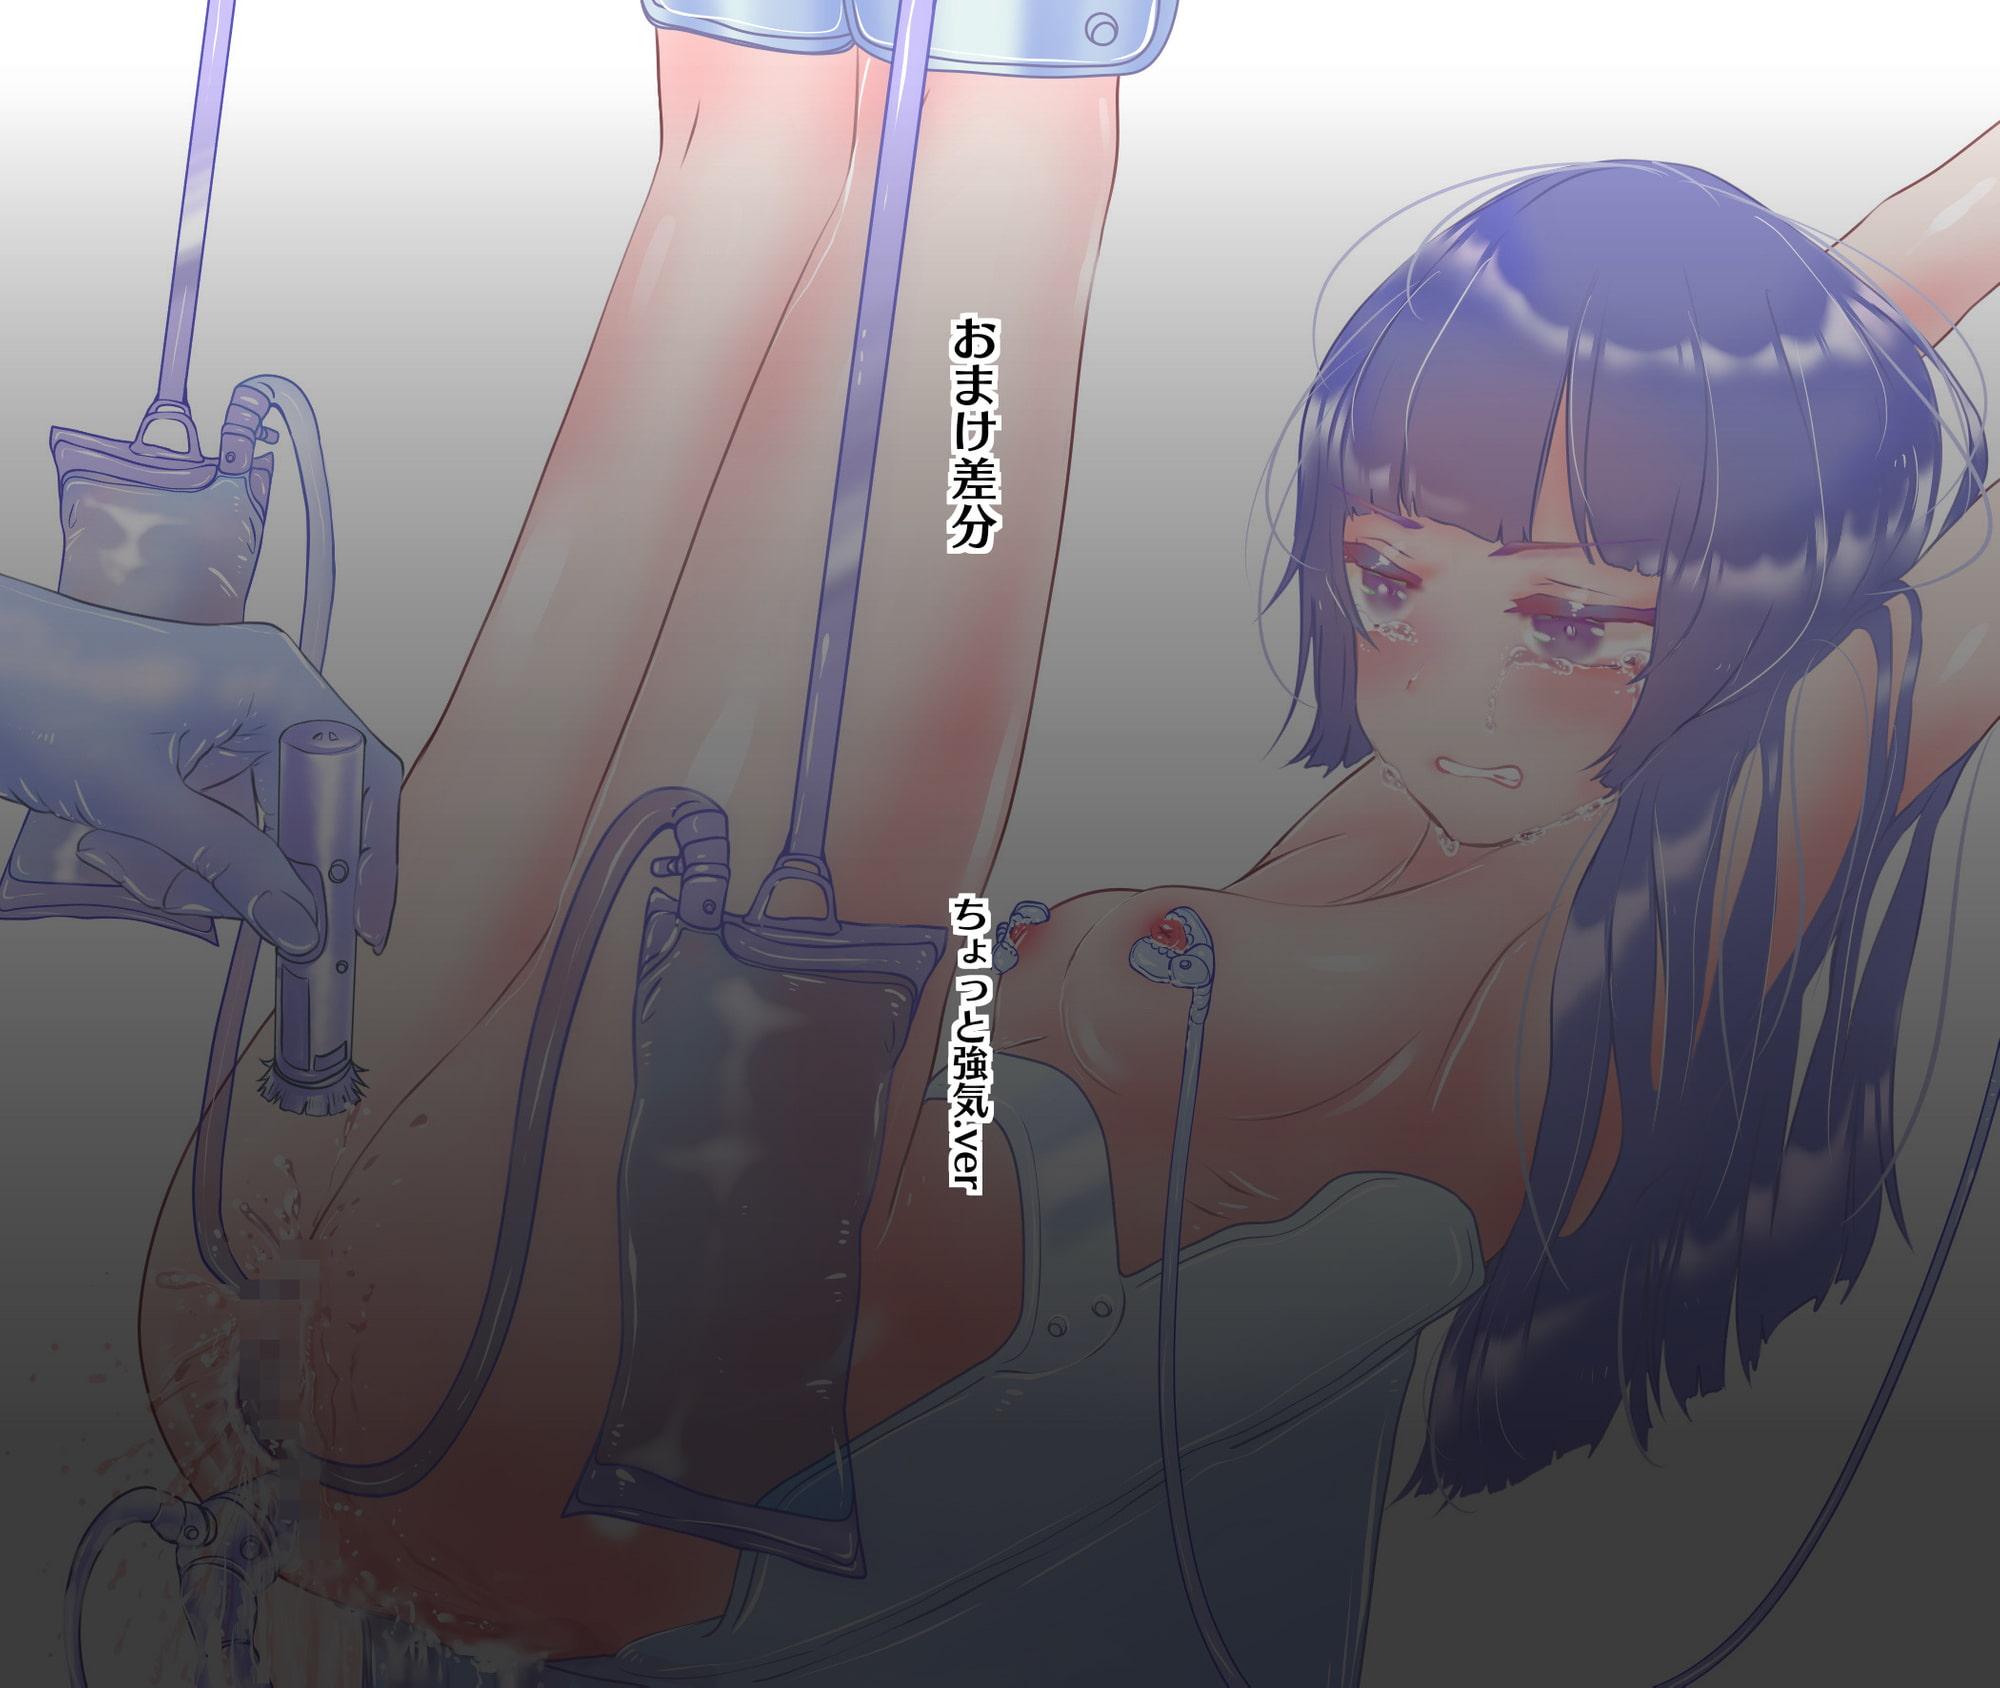 続・少女誘拐実験10 【子宮から出る女の子汁_採取・観察編】前編・後編 セット販売